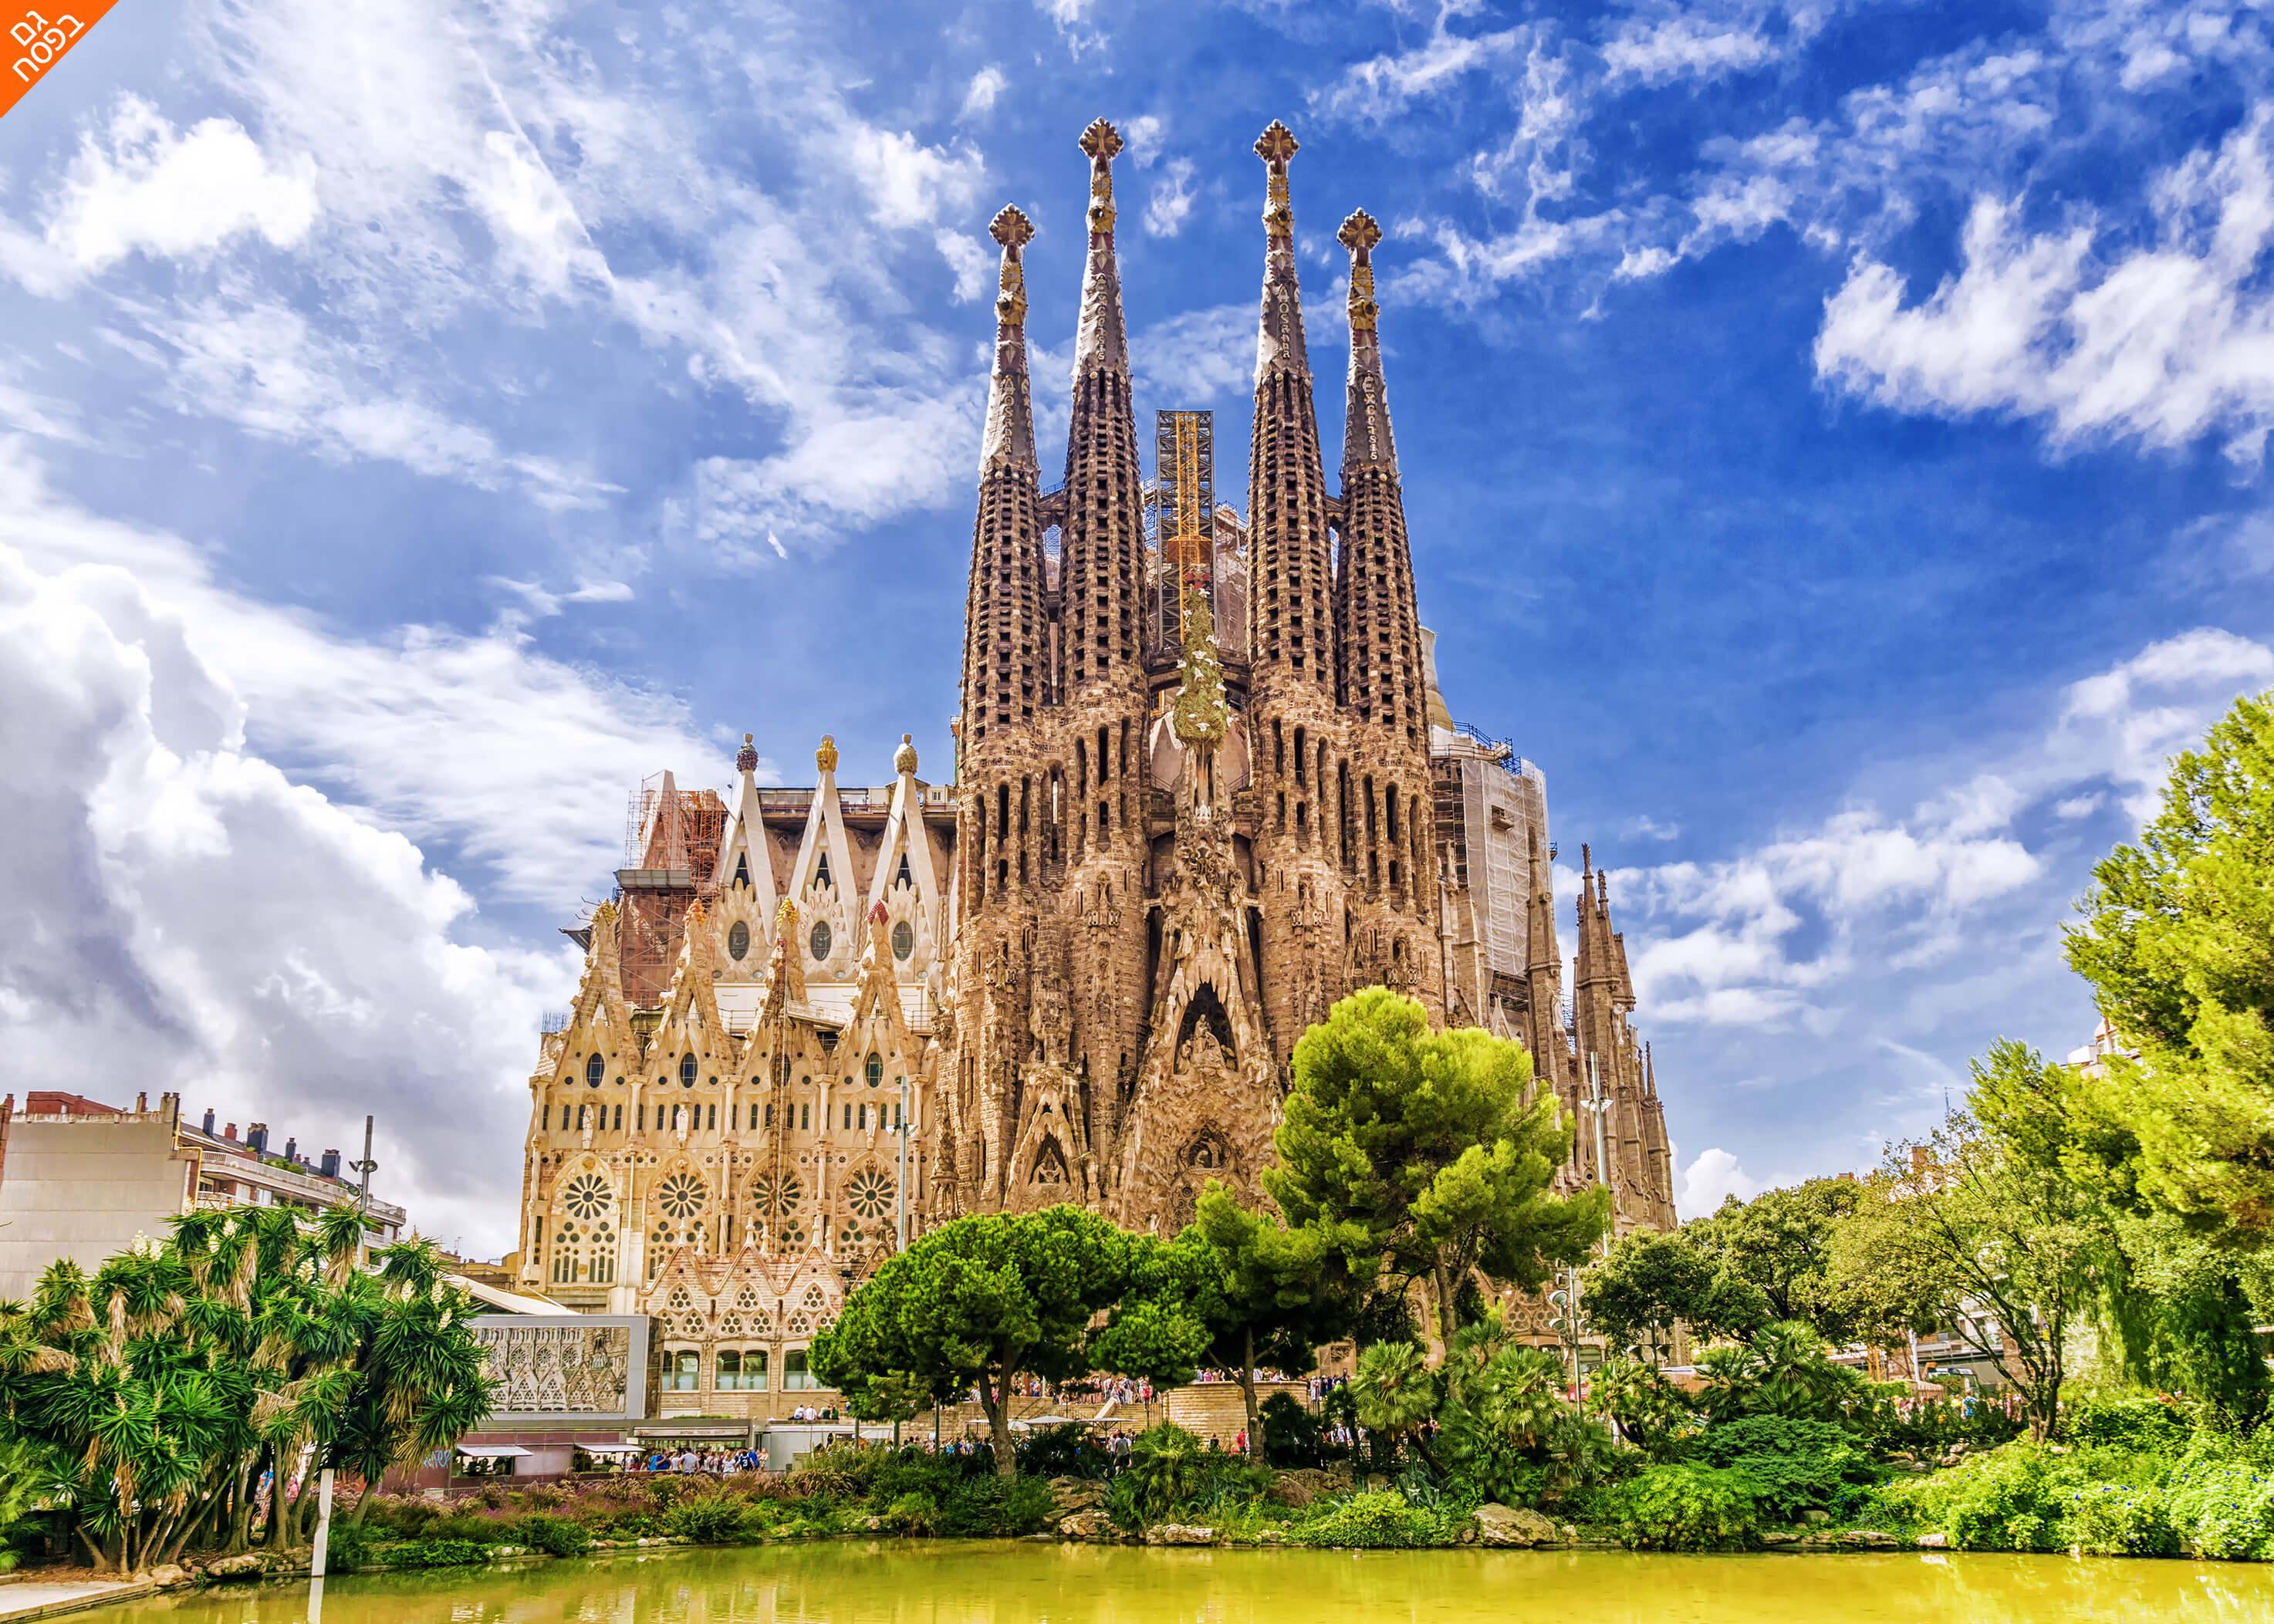 """10 חופשה בברצלונה - טפאסים, סנגריות ושופינג בכל פינה, כולל סופ""""ש ופסח"""